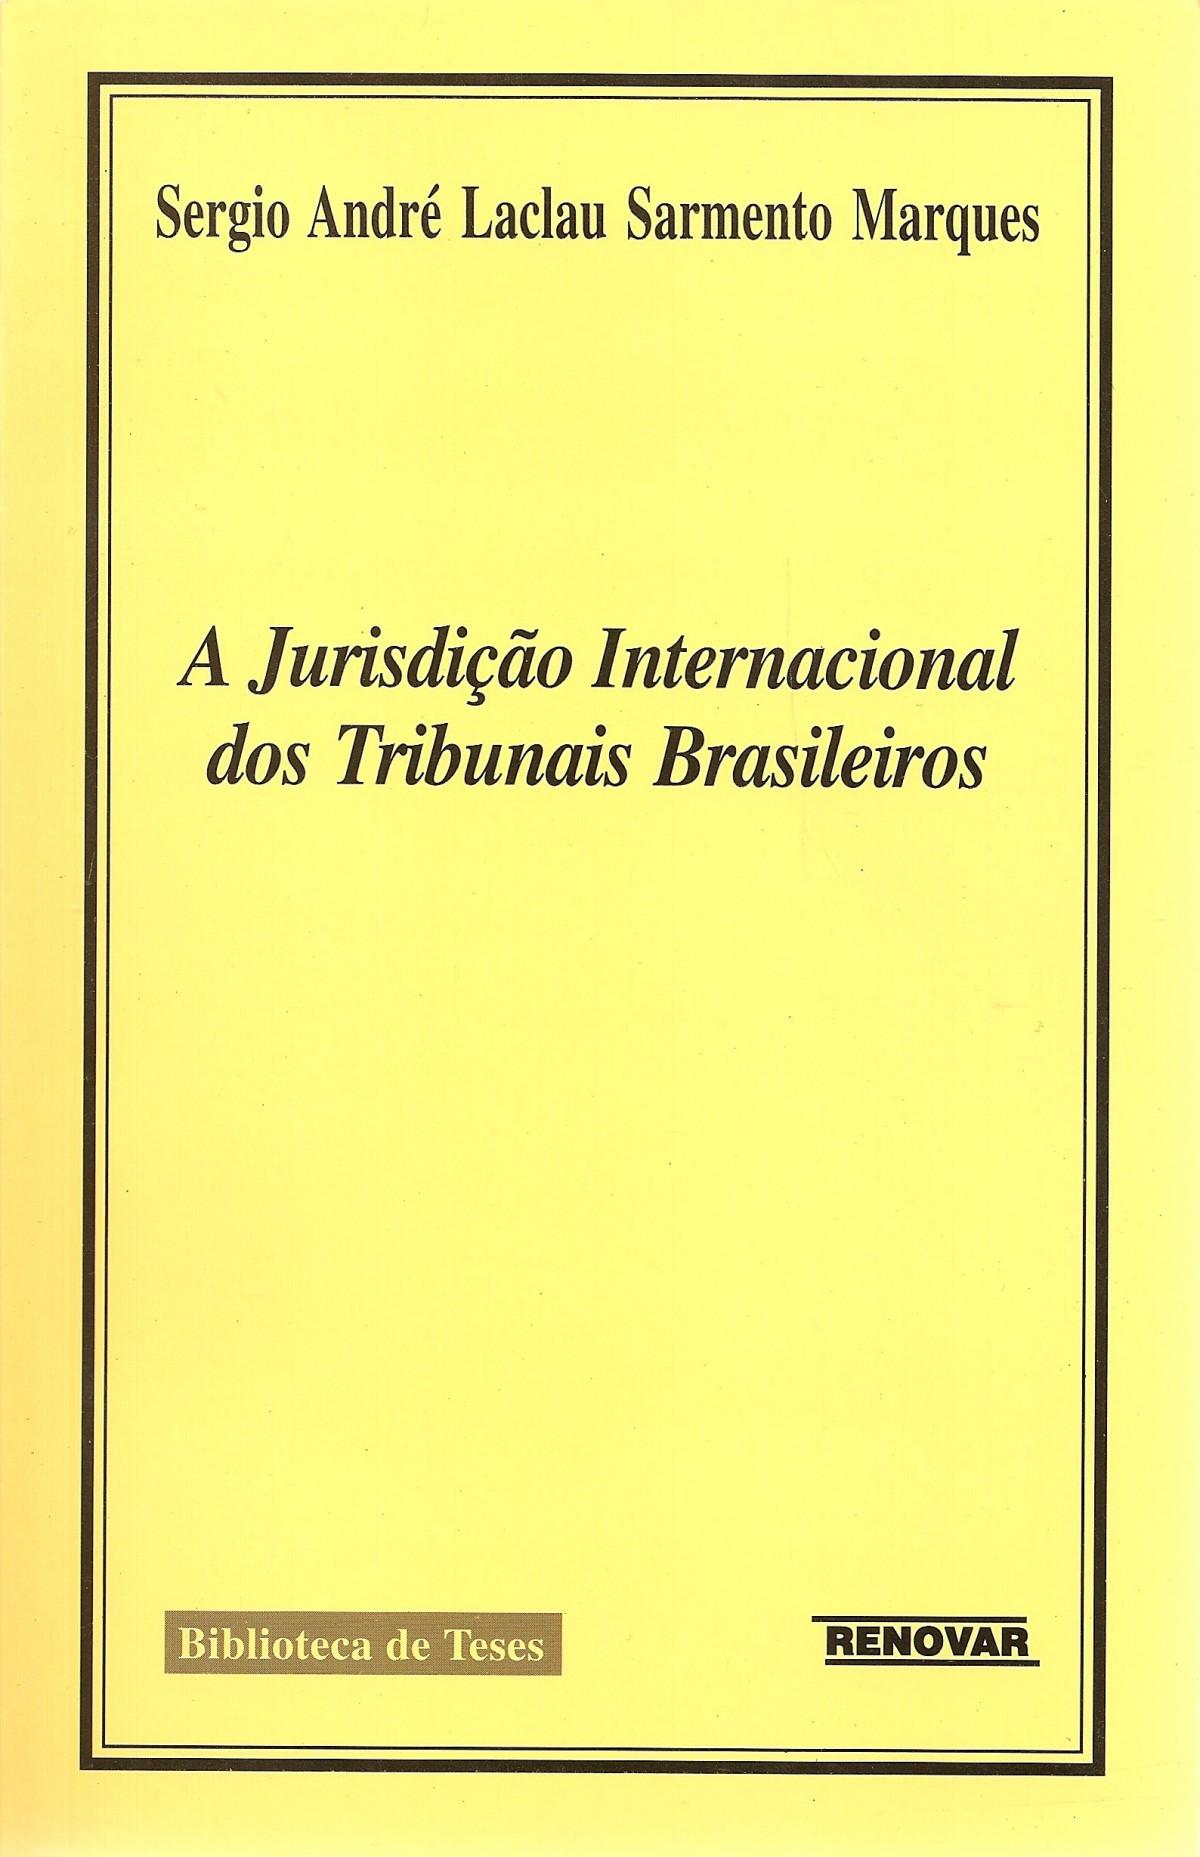 Foto 1 - A Jurisdição Internacional dos Tribunais Brasileiros